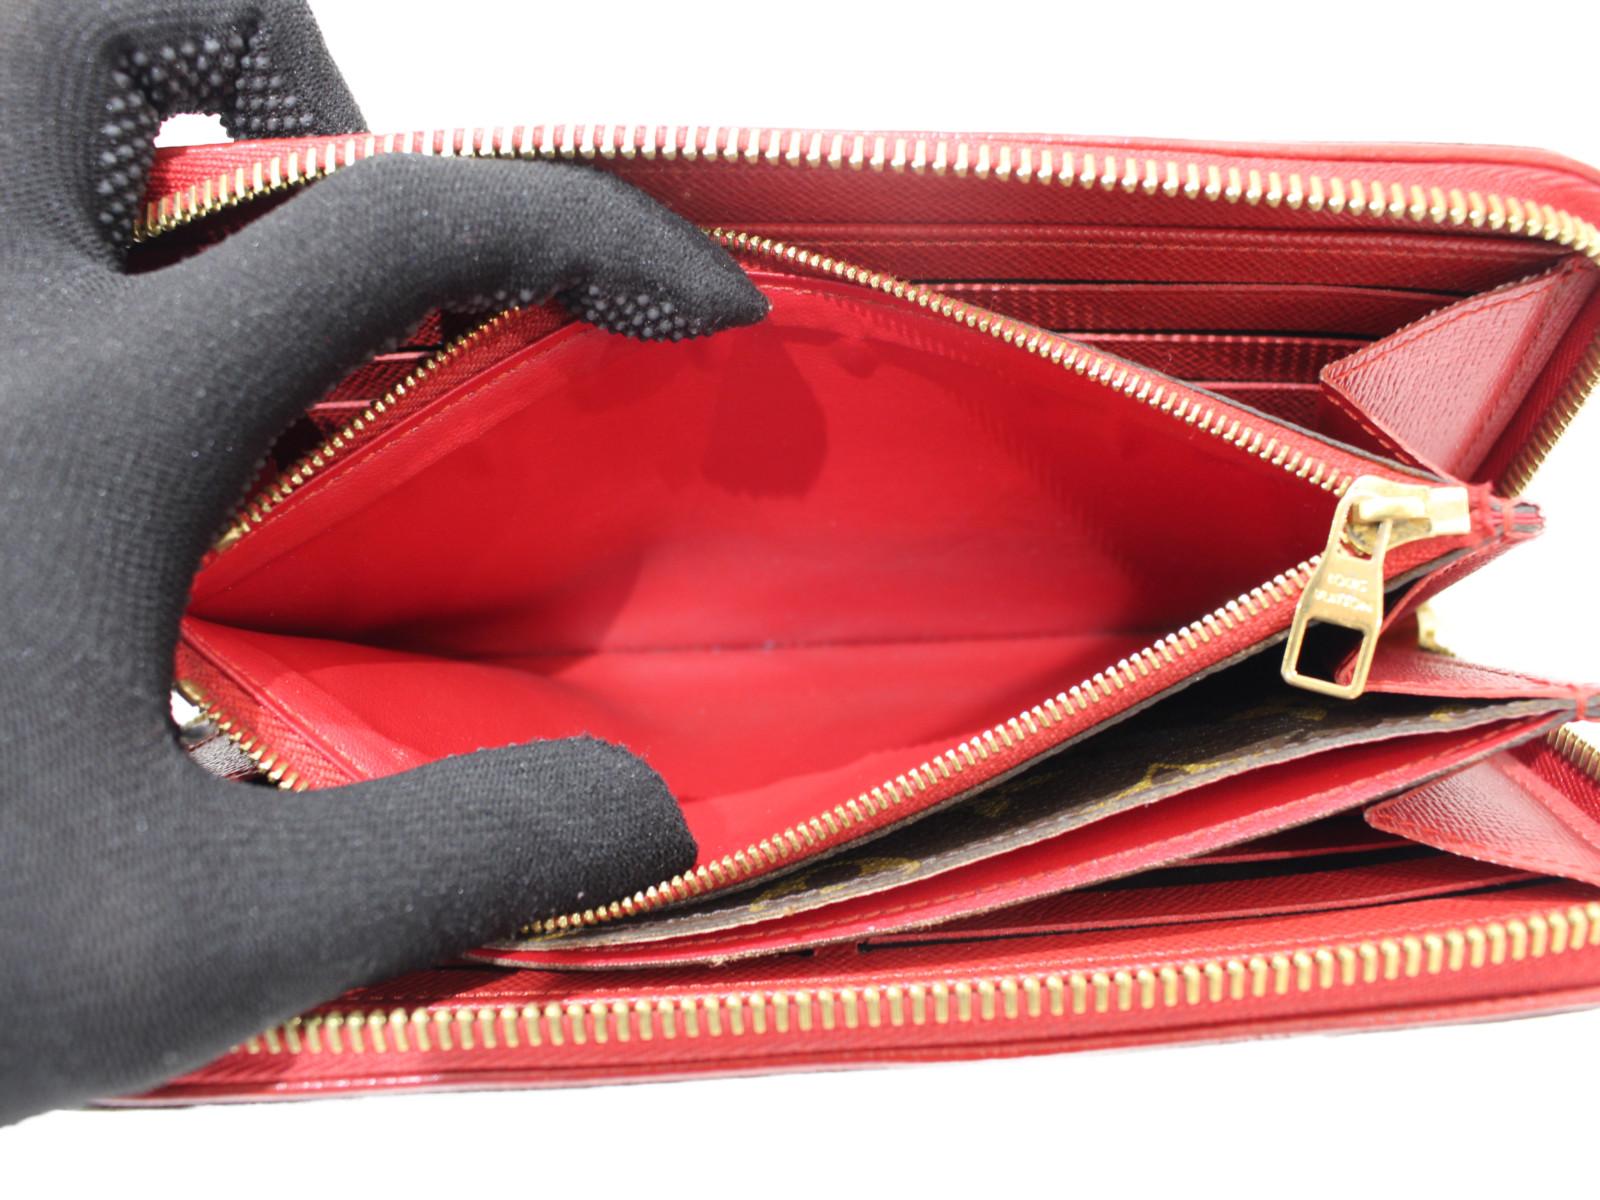 LOUIS VUITTON ジッピーウォレット・レティーロ M61854 モノグラム×レッド系 レディース 長財布 ウォレット シンプル プレゼント包装可VUSzMGqp